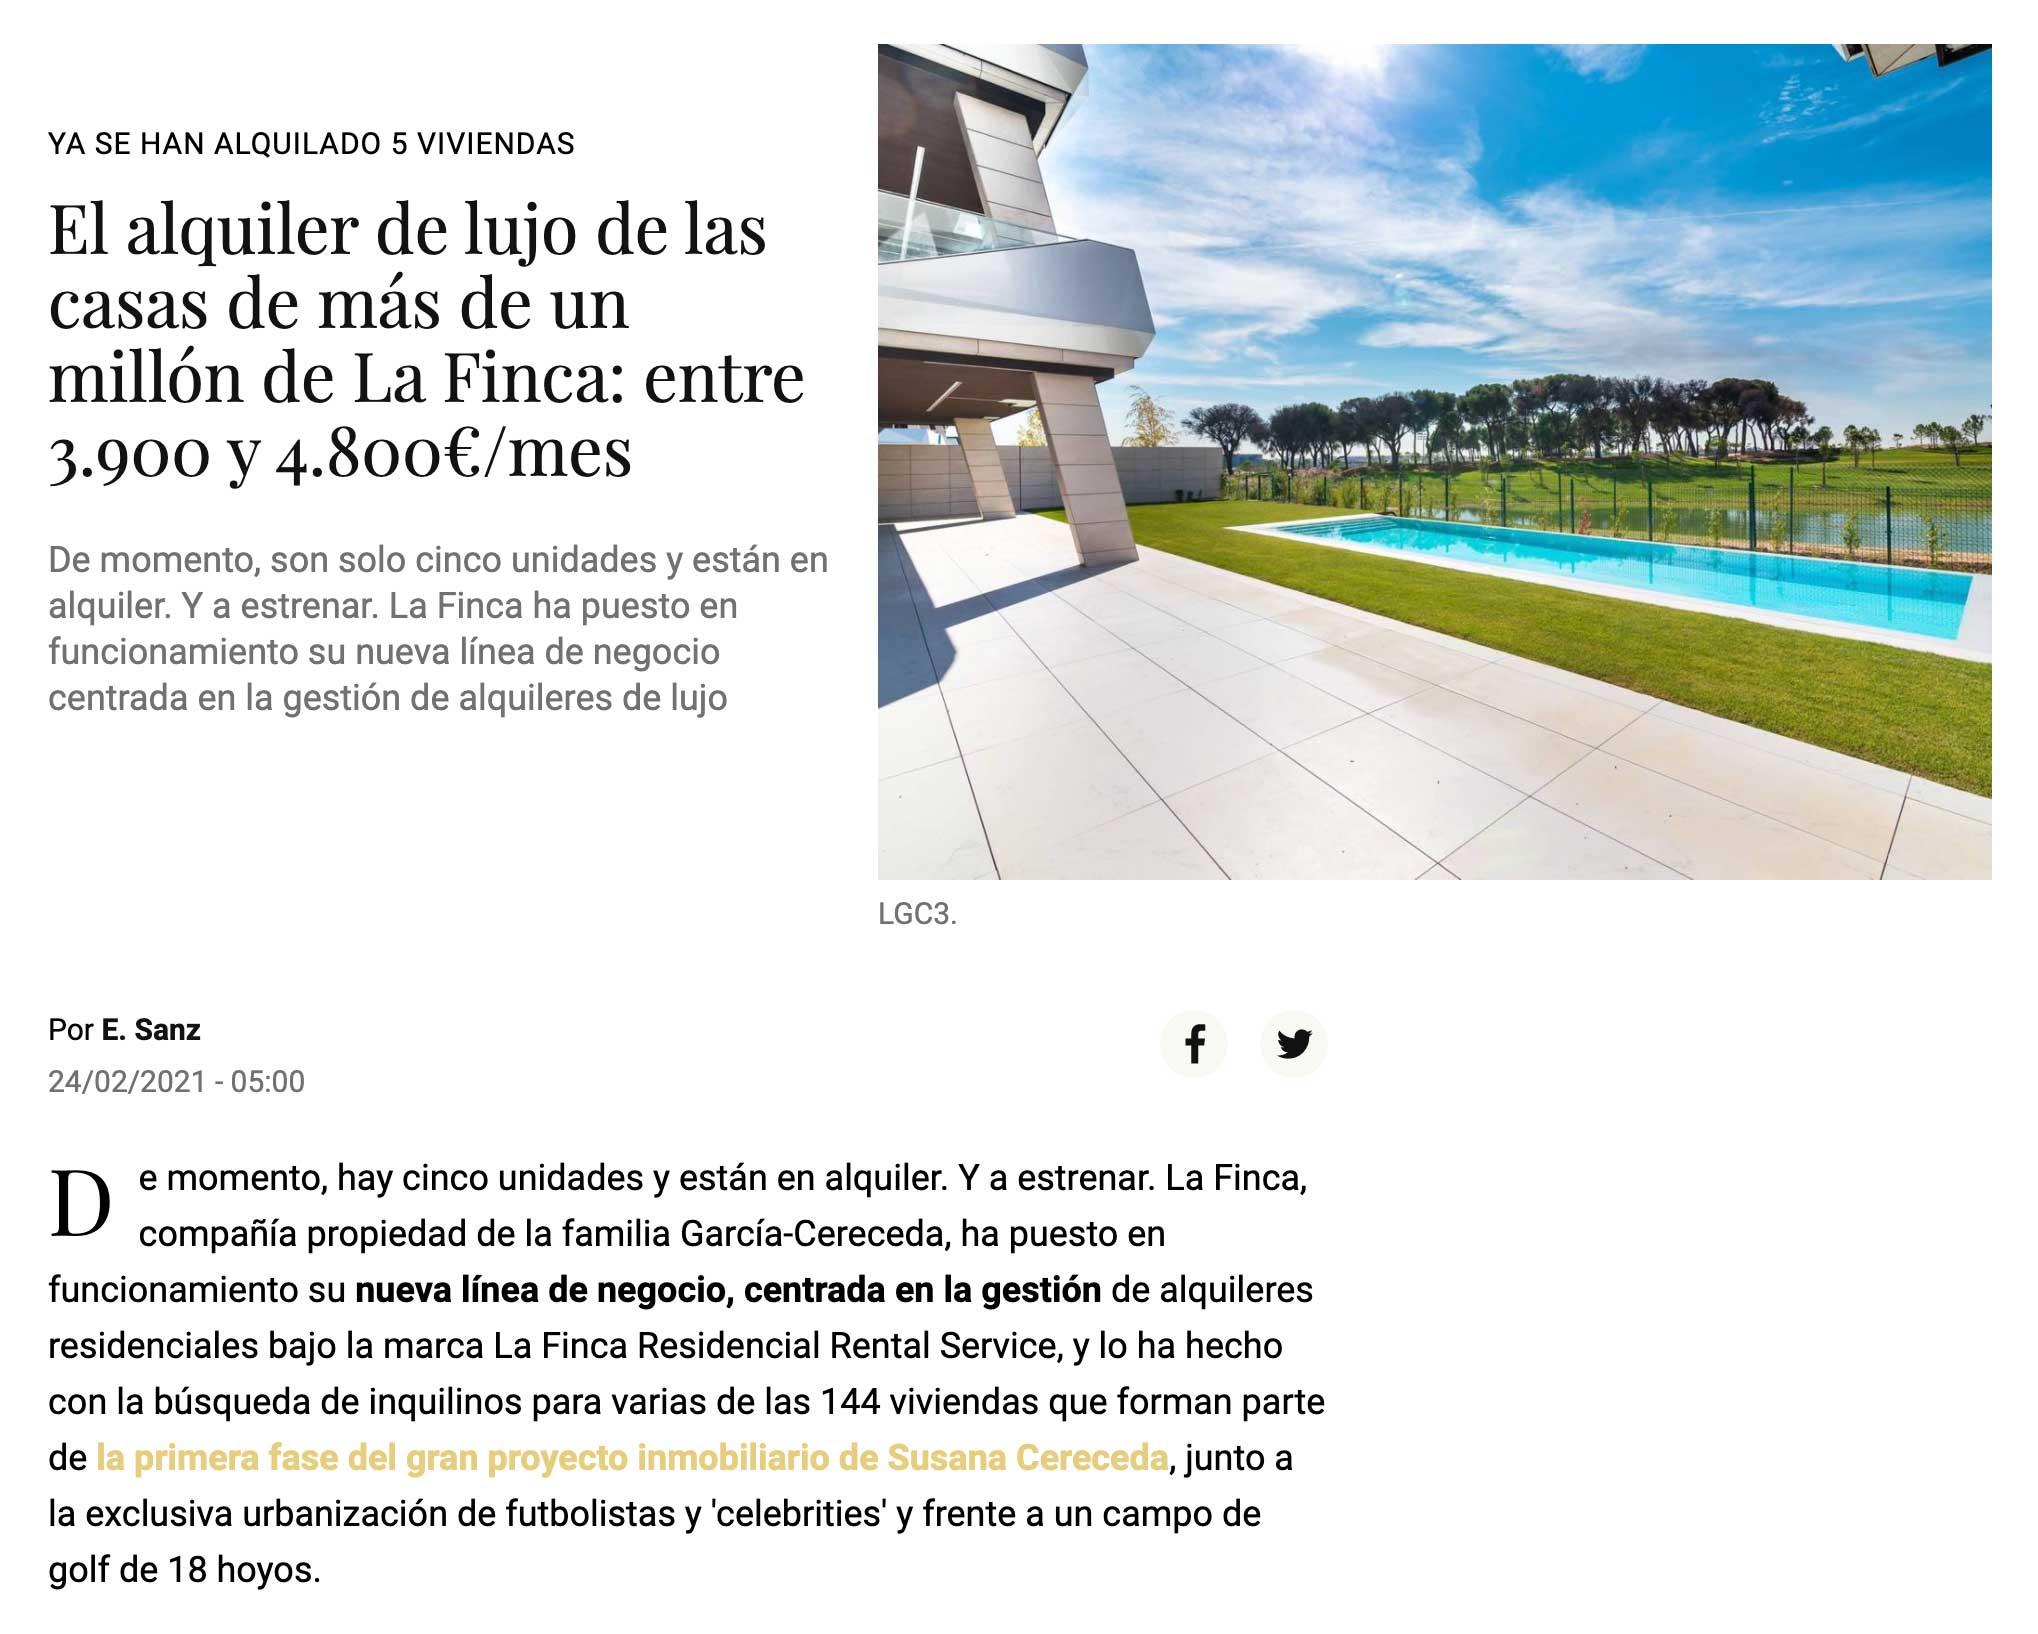 El alquiler de lujo de las casas de más de un millón de La Finca: entre 3.900 y 4.800€/mes